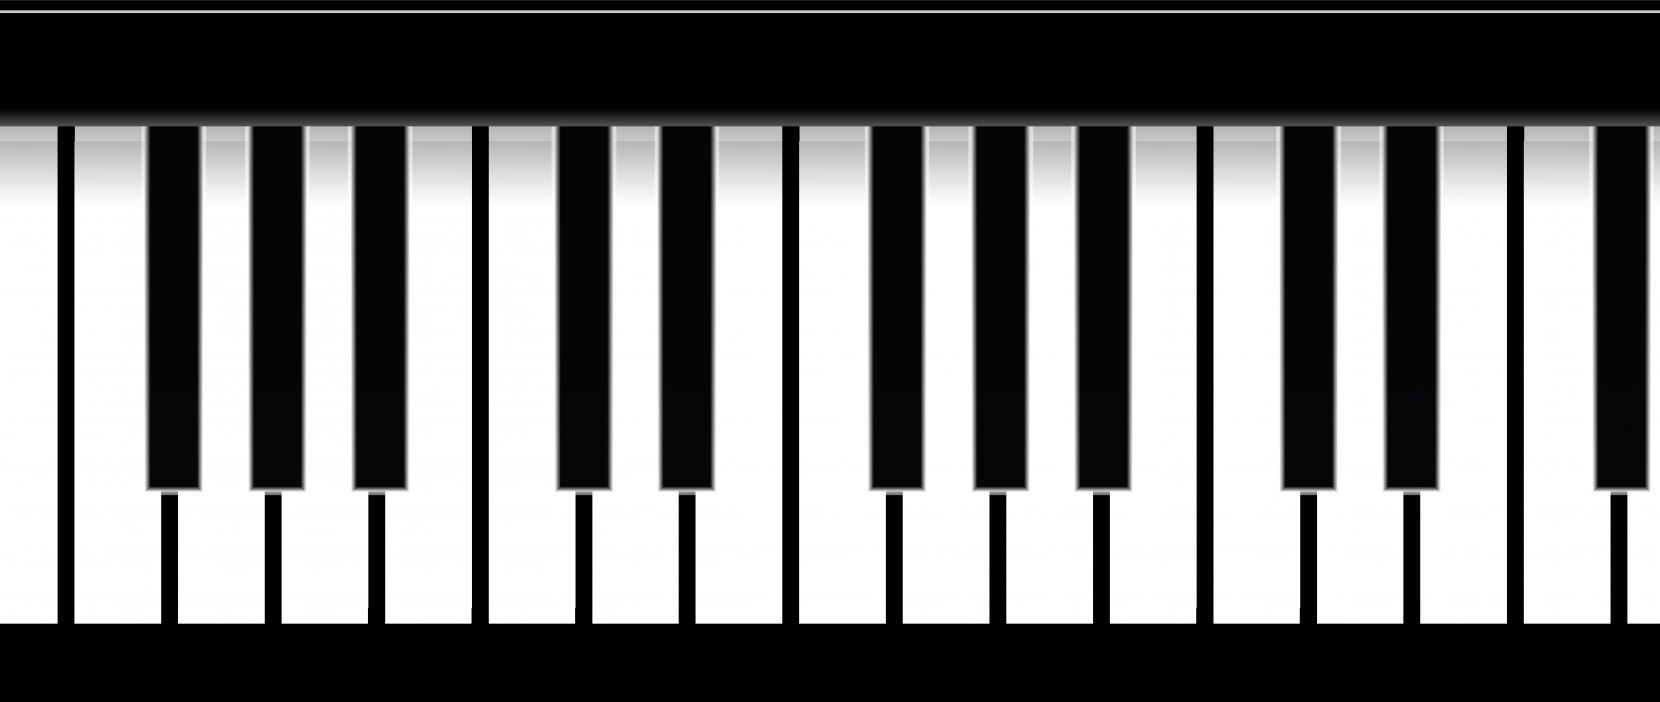 billede af klaviatur